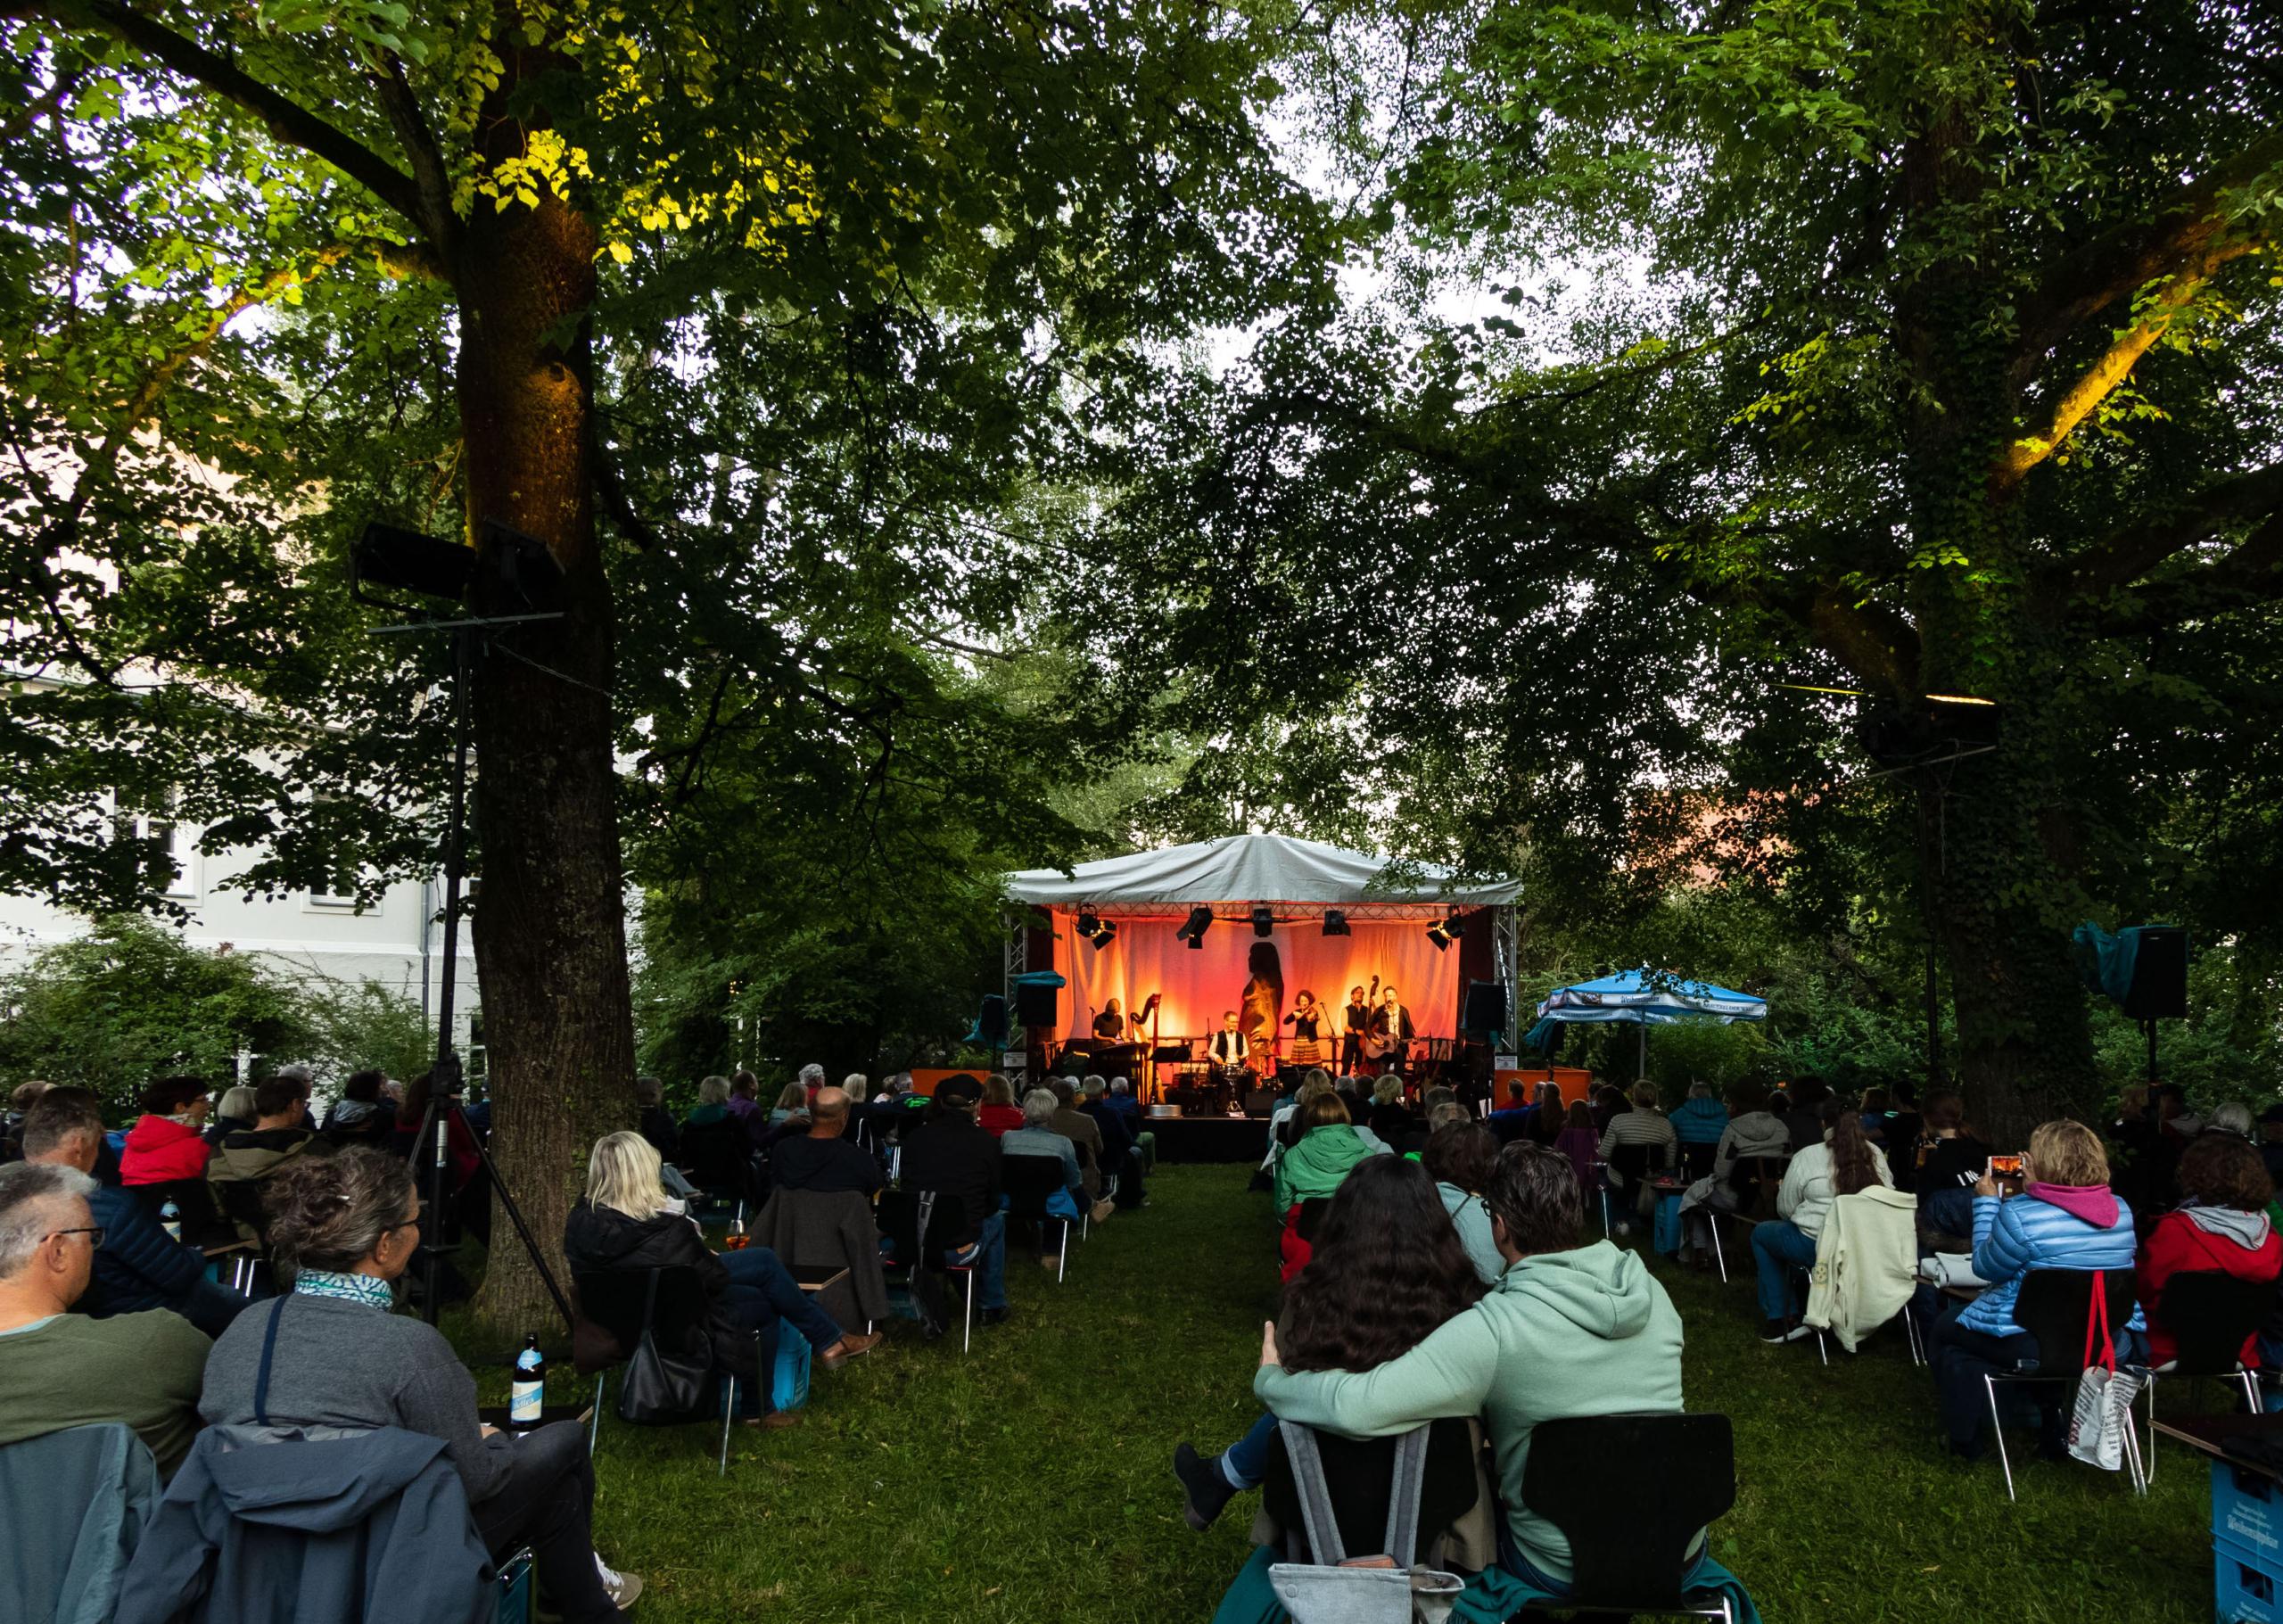 Sommer, Sonne & Konzerte – das Freisinger Sommer Wunder findet wieder statt! Wir haben ein buntes Programm zusammengestellt mit Rock'n'Roll und Volksmusik, Pop, Folk, und Klassik, Kulinarischem und Kinderprogramm.